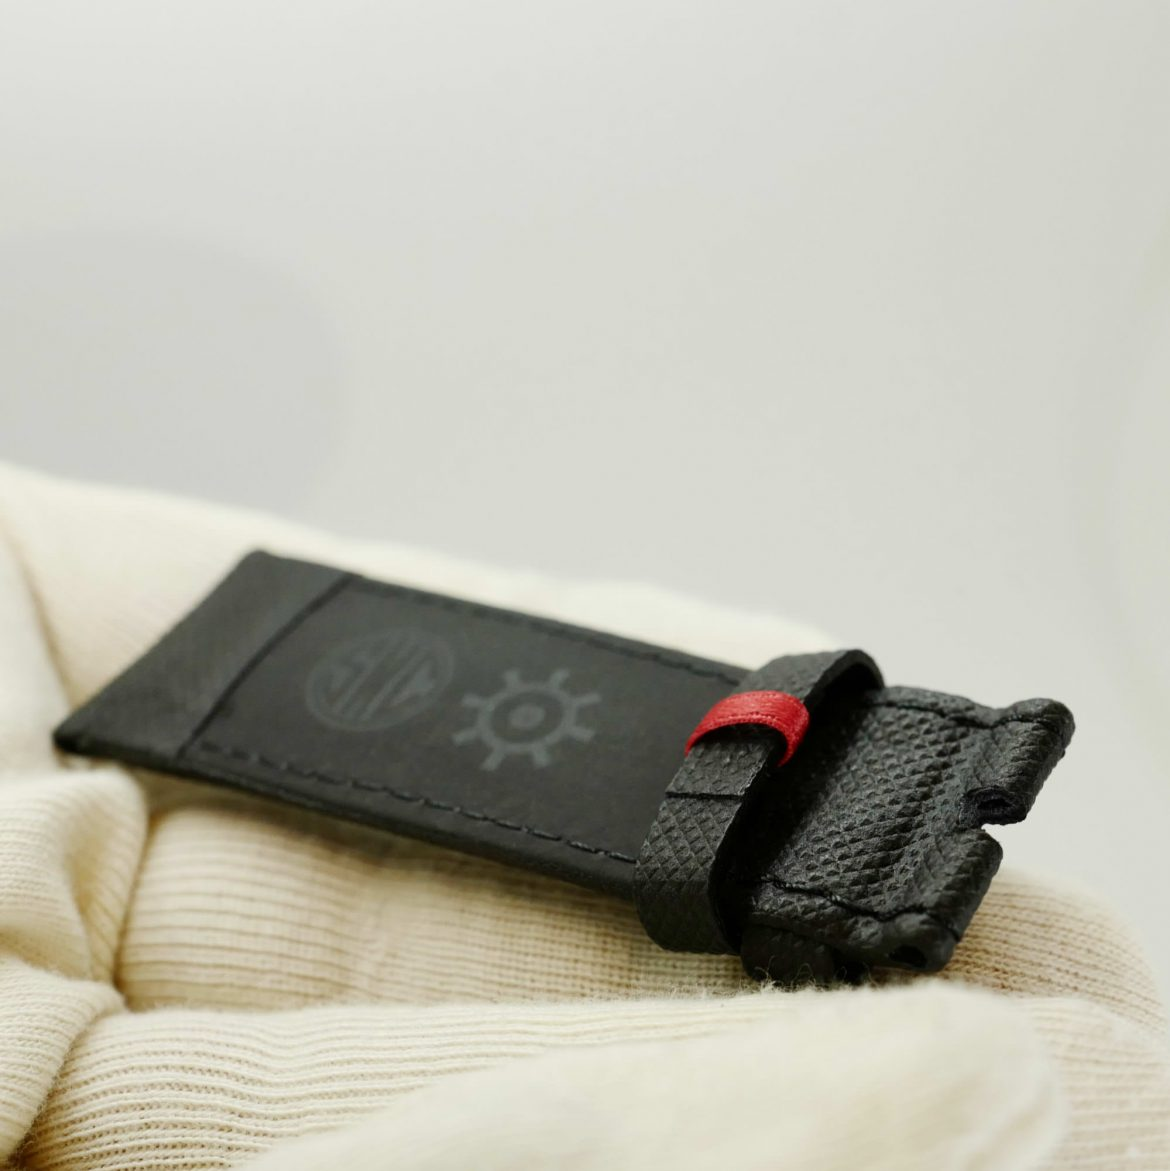 Black Quadrant leather